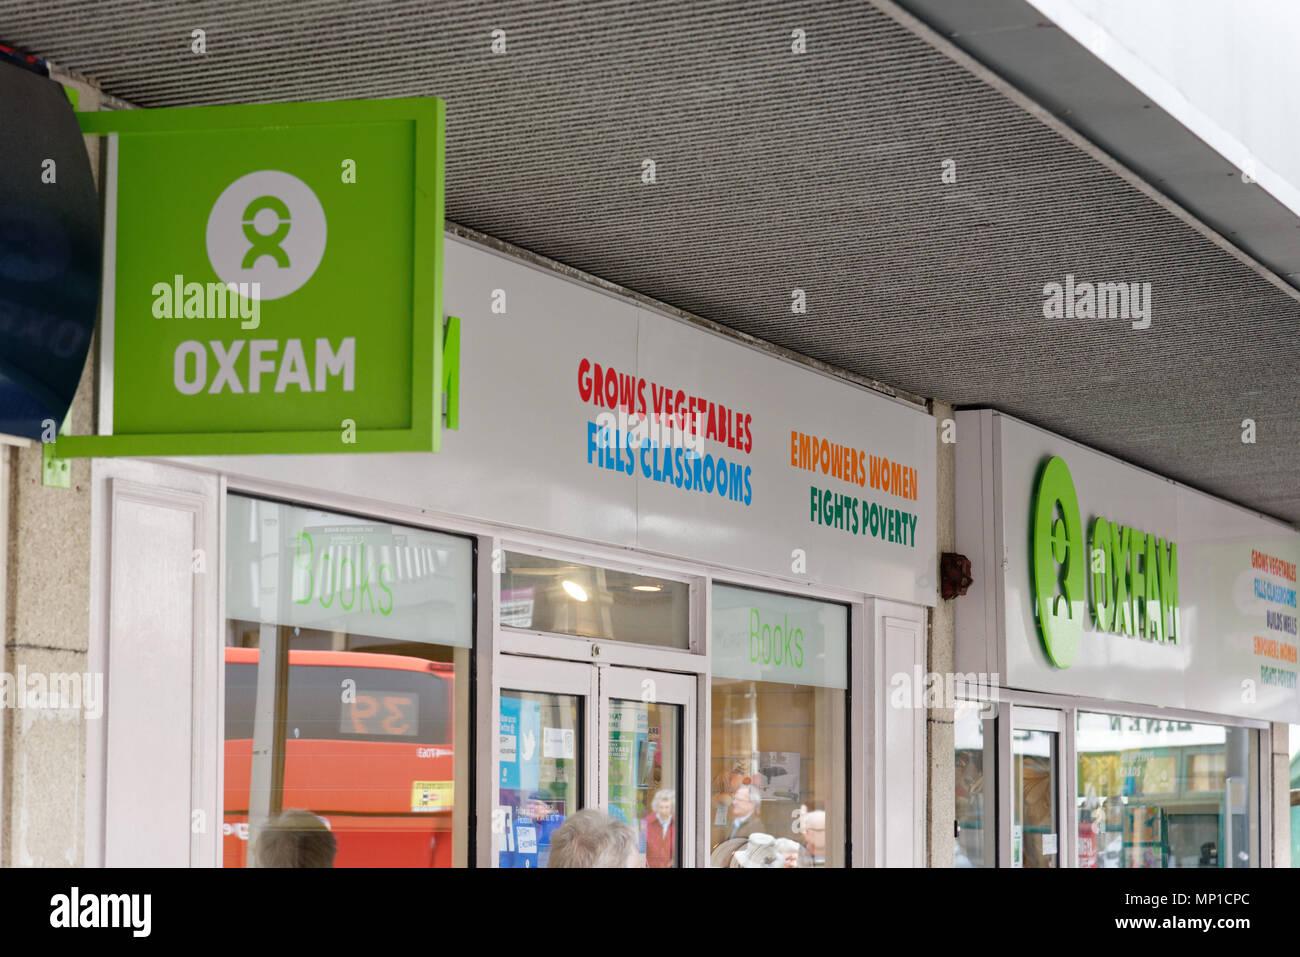 """Oxfam Shop vorne, mit den Slogans """"bestärkt Frauen', 'bekämpft Armut', 'wächst Gemüse' und 'füllt Classrooms"""" Stockfoto"""